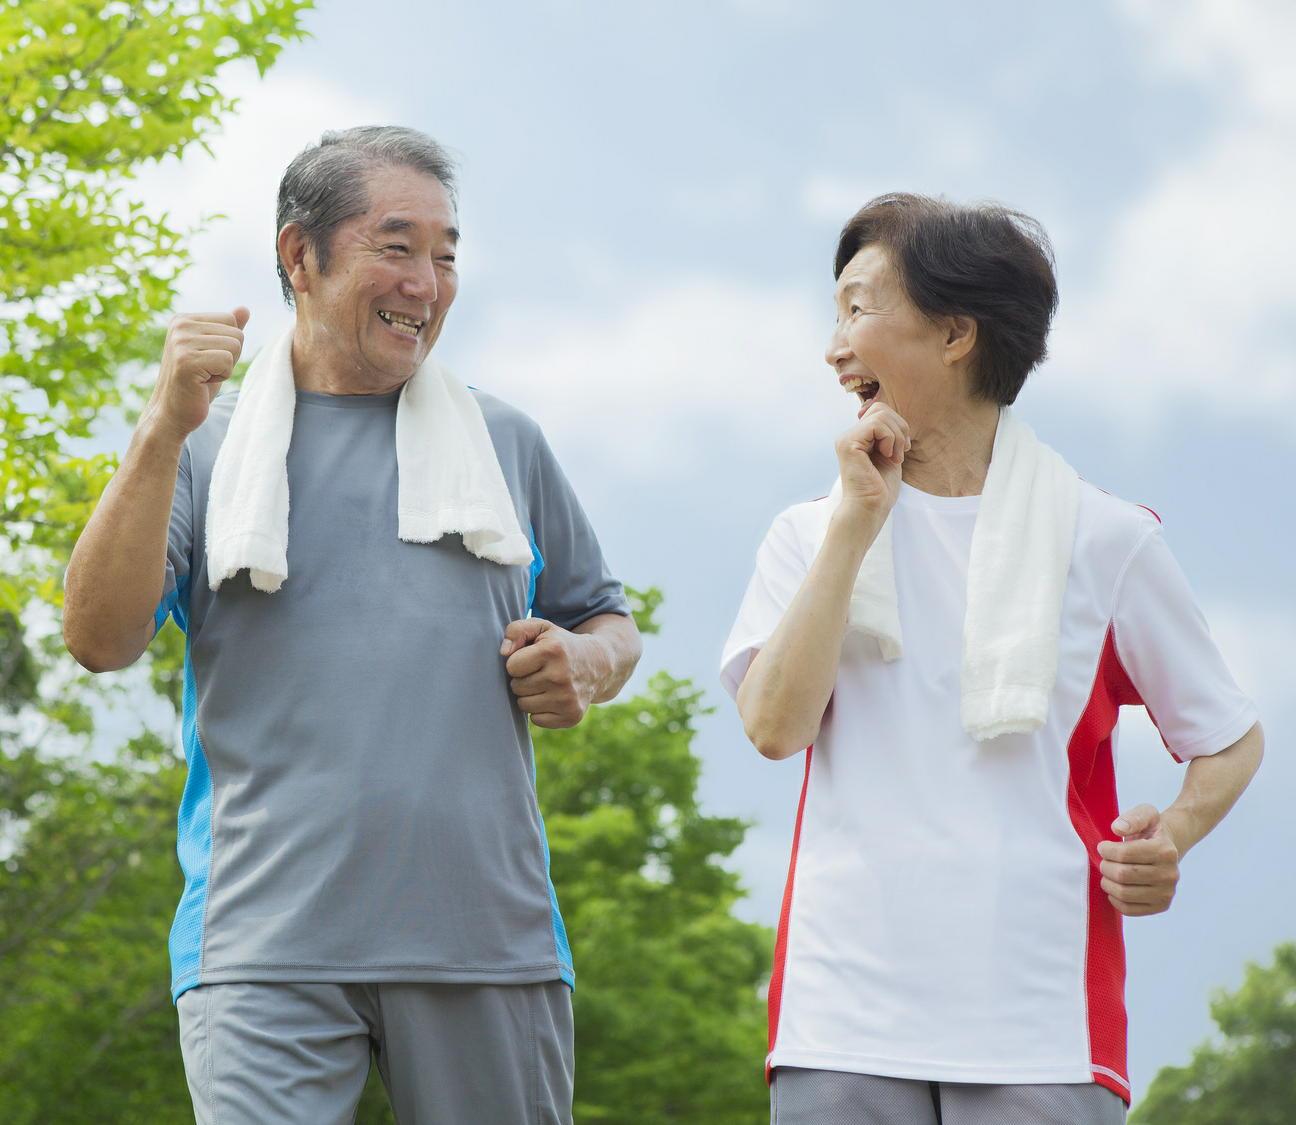 「高齢者は75歳から」と学会が提言 65~74歳は社会の支え手